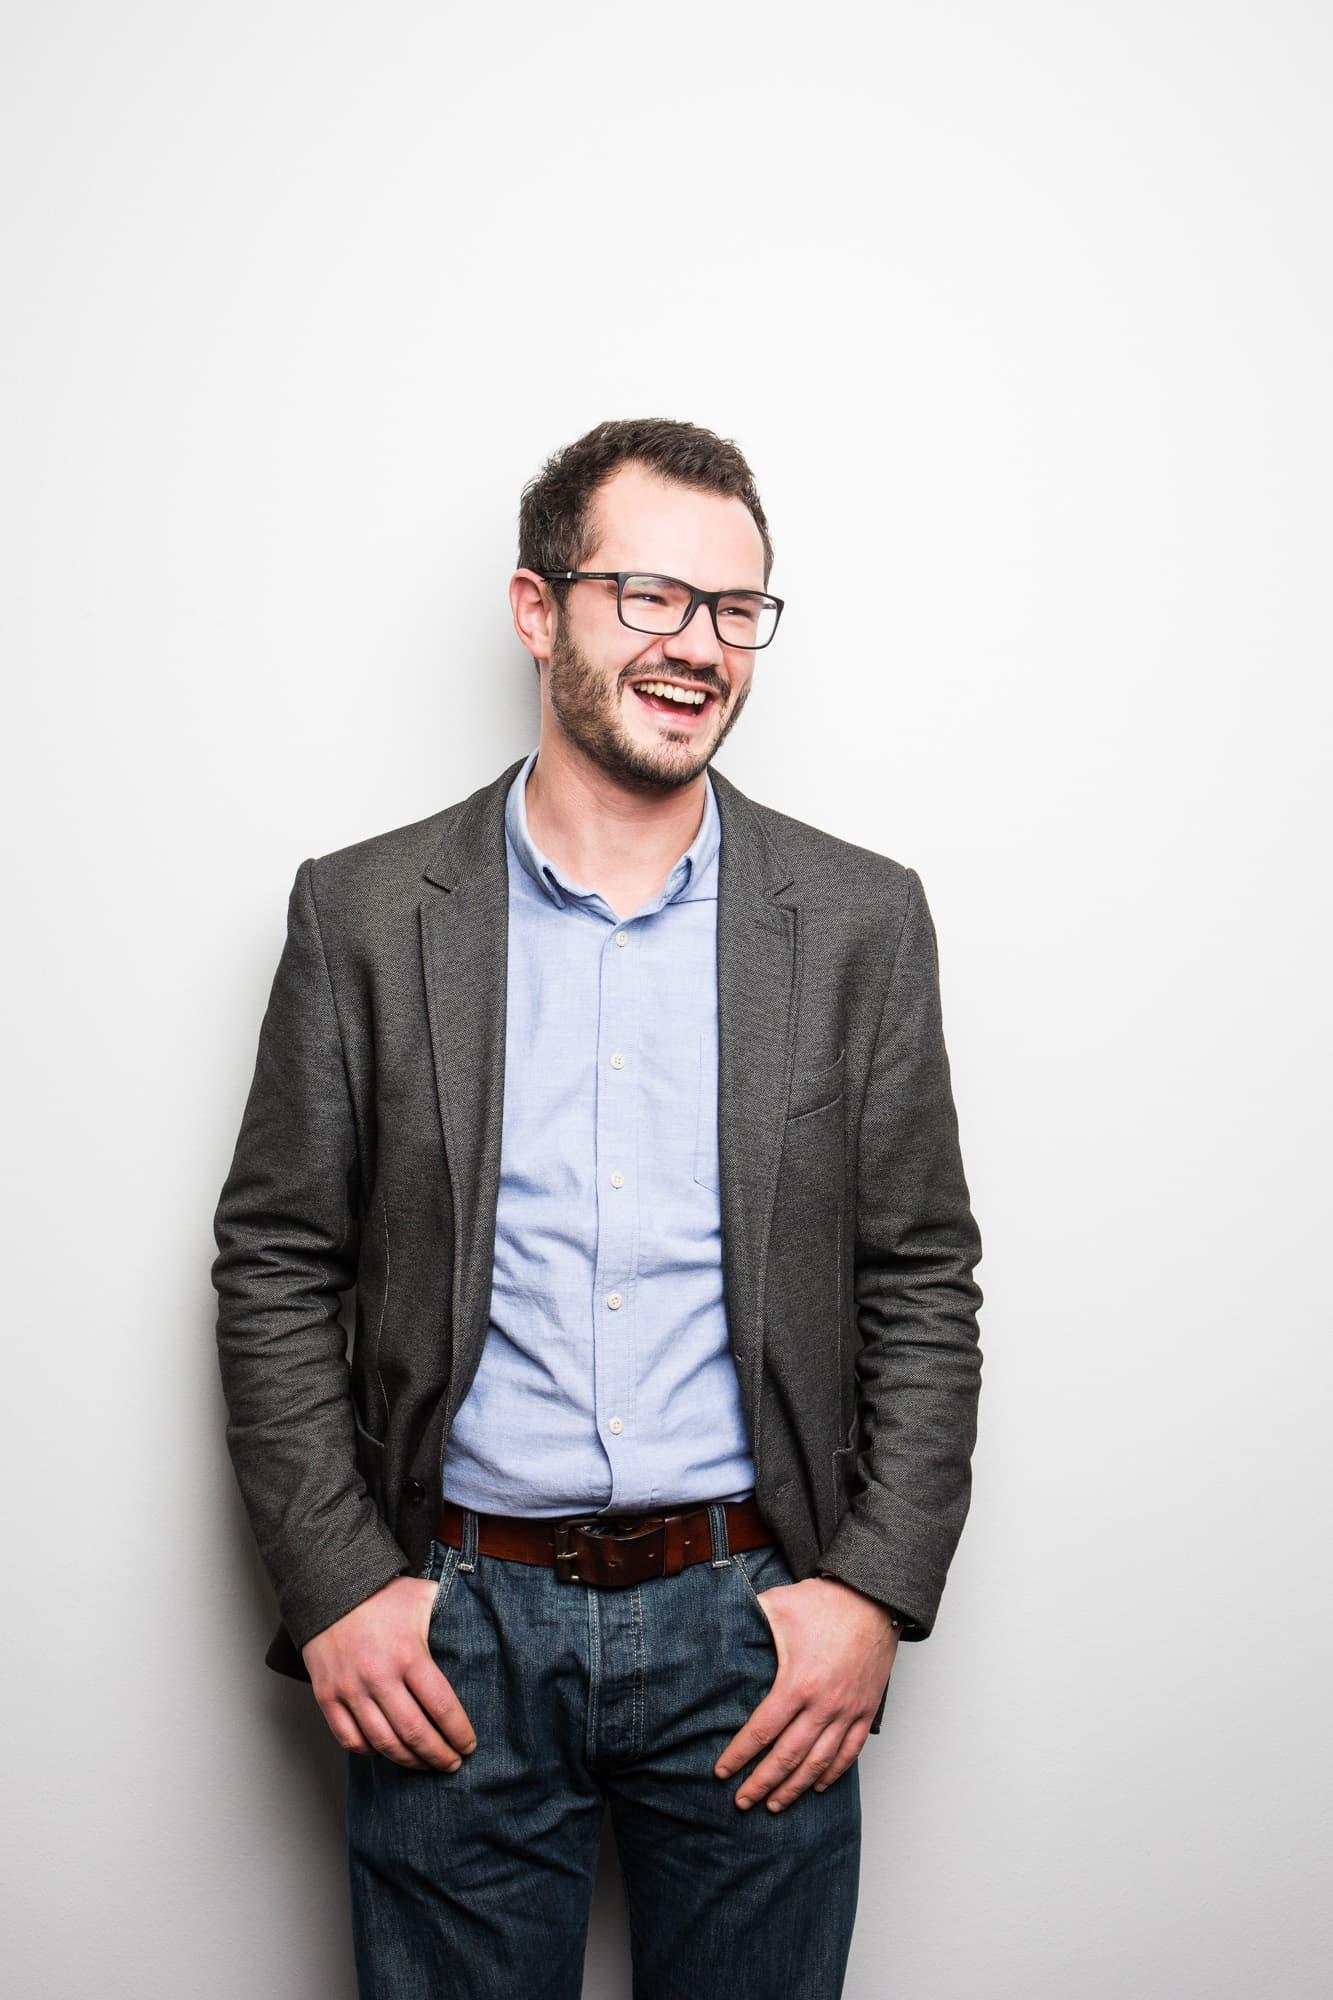 Prof. Robert Böhm lacht mit Händen in der Hosentasche vor weißer Wand